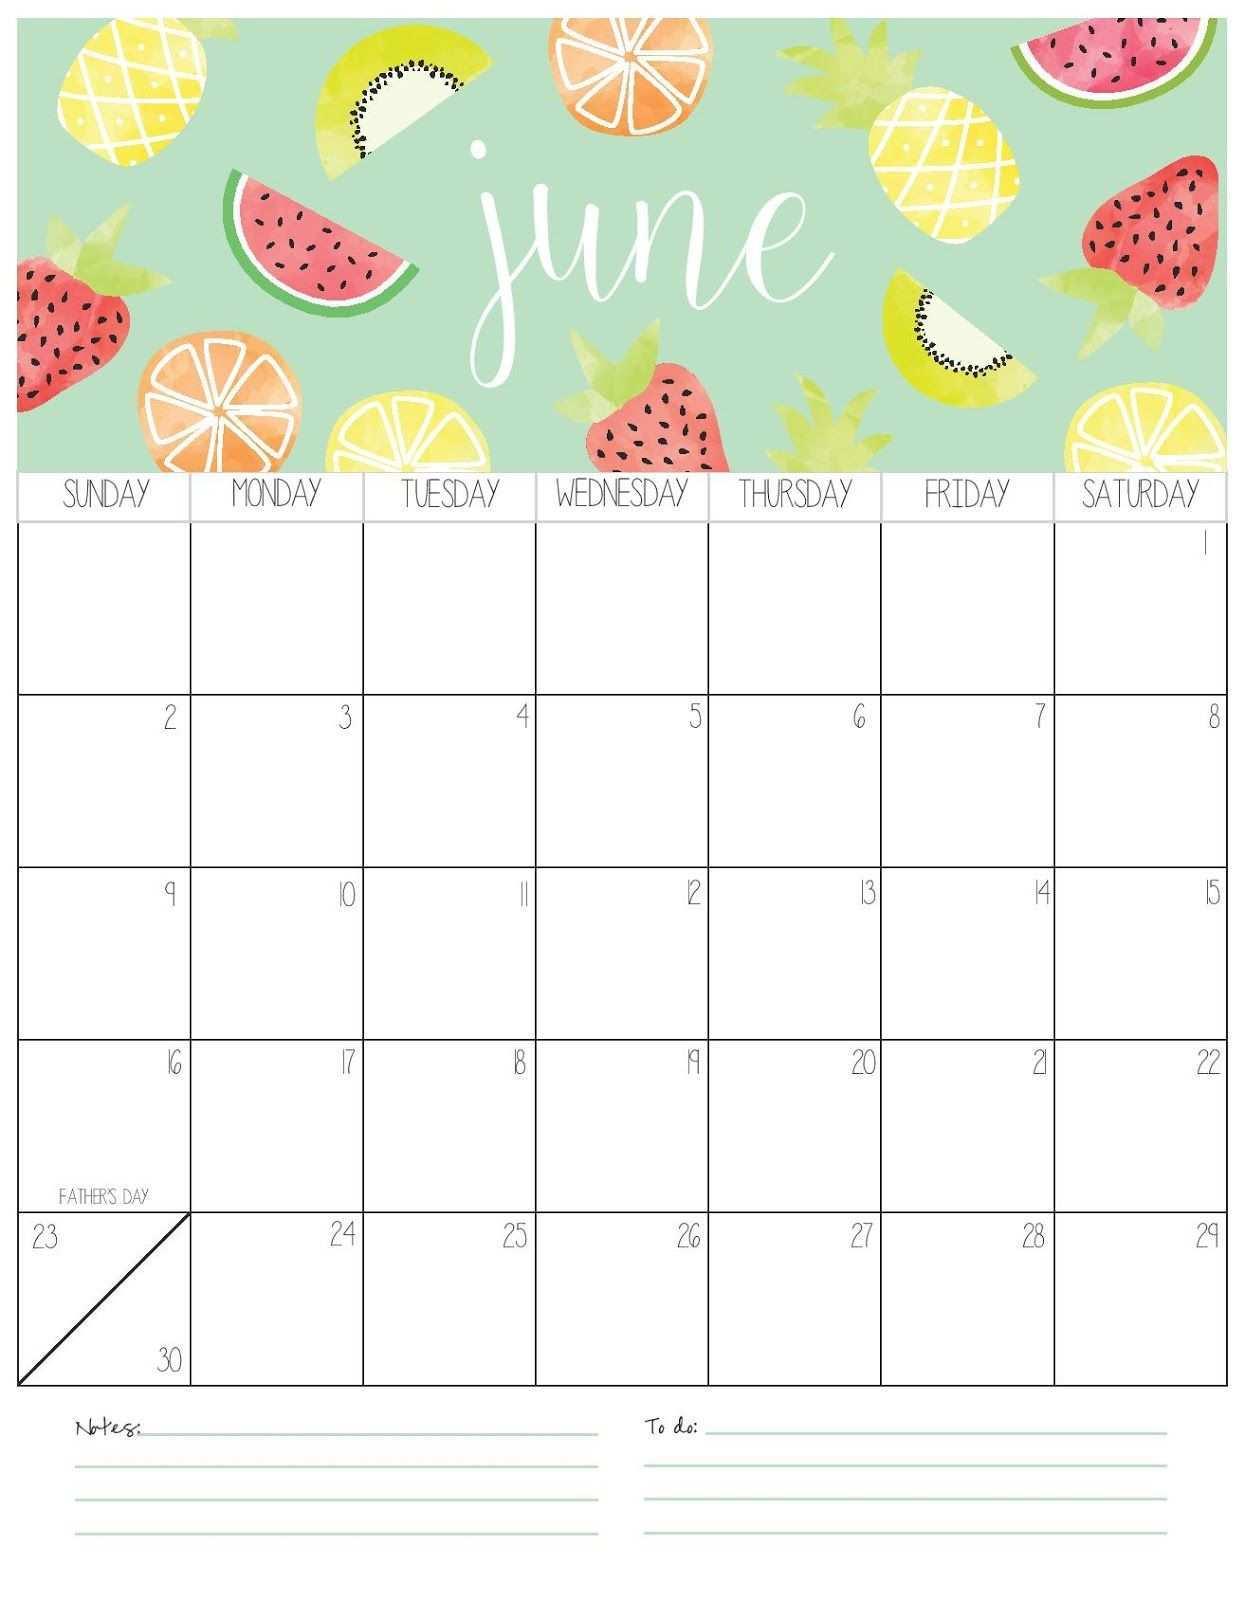 Tipss Und Vorlagen Kalender 2019 Zum Ausdrucken Fur Kinder Kalender Ausdrucken 2019 Kalender